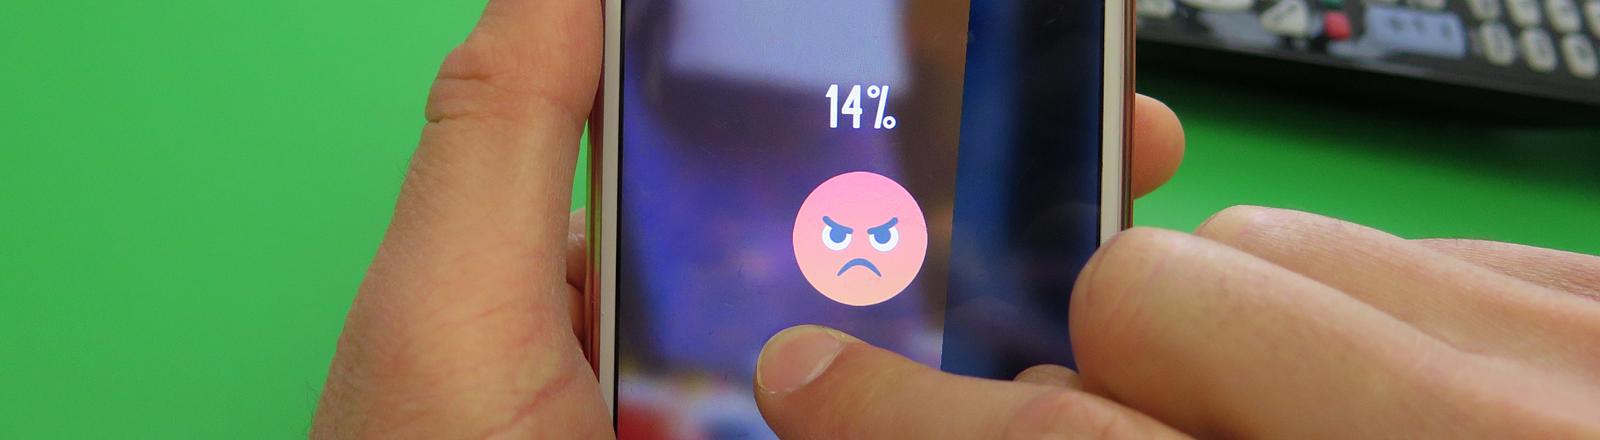 Auf einem Handy sieht man ein Hass-Emoticon